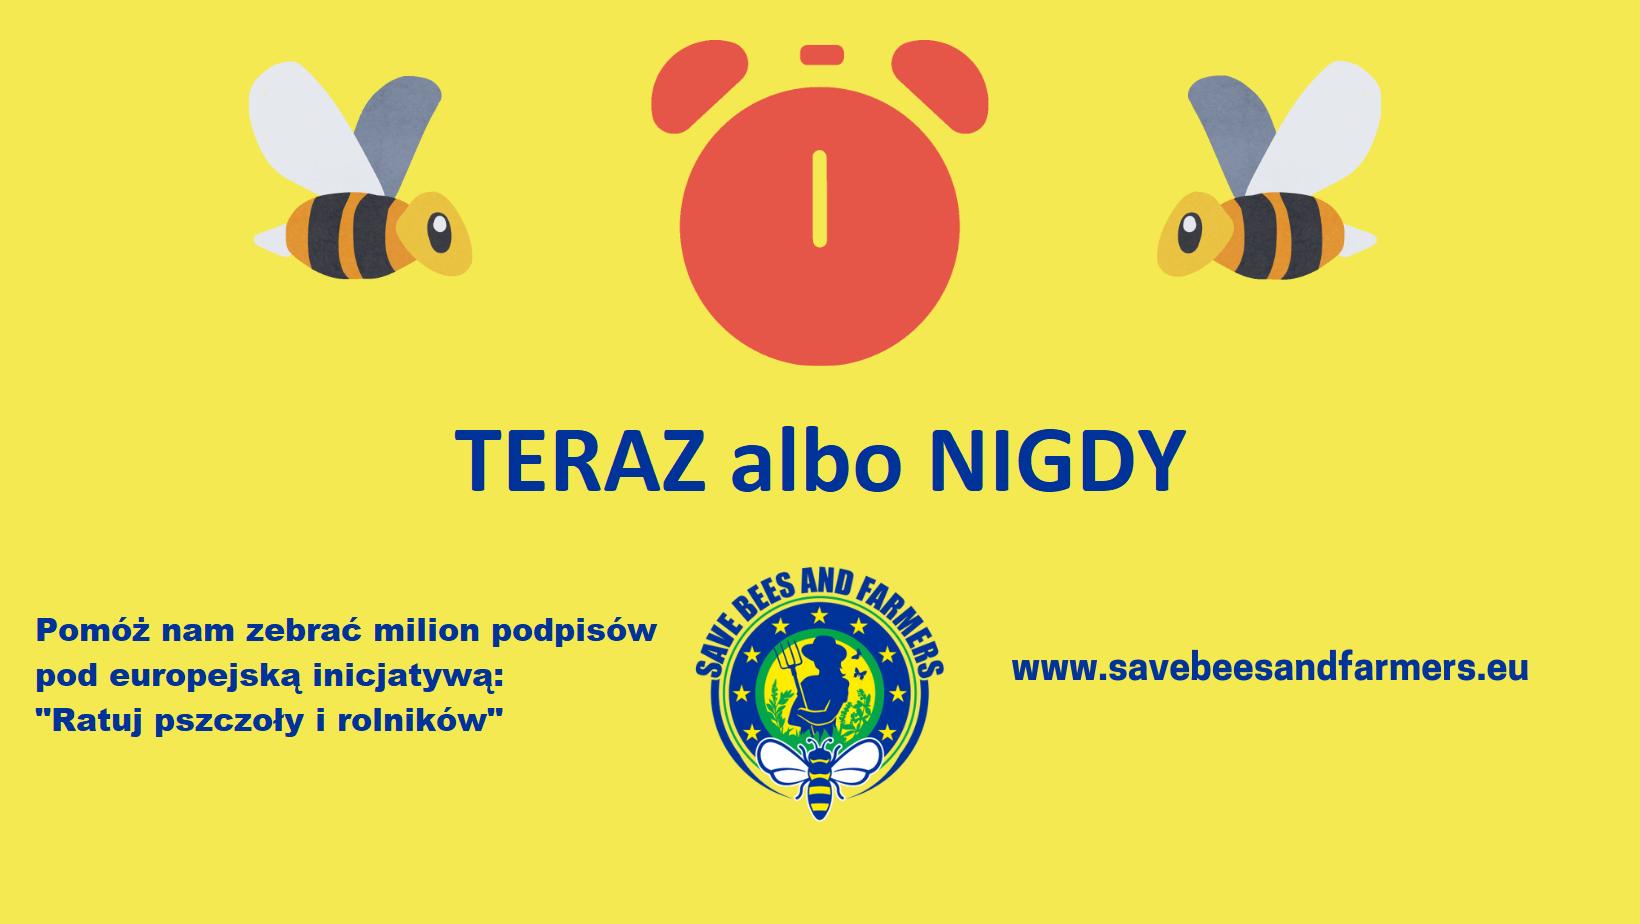 """""""Ratuj pszczoły i rolników"""" - przyłącz się do ogólnoeuropejskiej kampanii i pomóż nam zebrać milion podpisów pod petycją skierowaną do Komisji Europejskiej"""